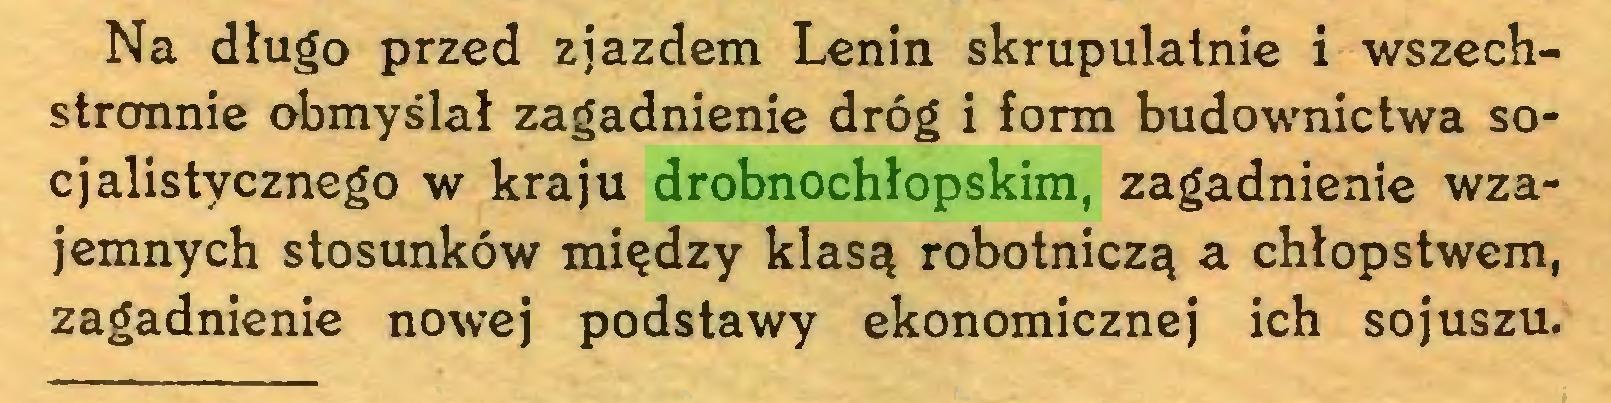 (...) Na długo przed zjazdem Lenin skrupulatnie i wszechstronnie obmyślał zagadnienie dróg i form budownictwa socjalistycznego w kraju drobnochłopskim, zagadnienie wzajemnych stosunków między klasą robotniczą a chłopstwem, zagadnienie nowej podstawy ekonomicznej ich sojuszu...